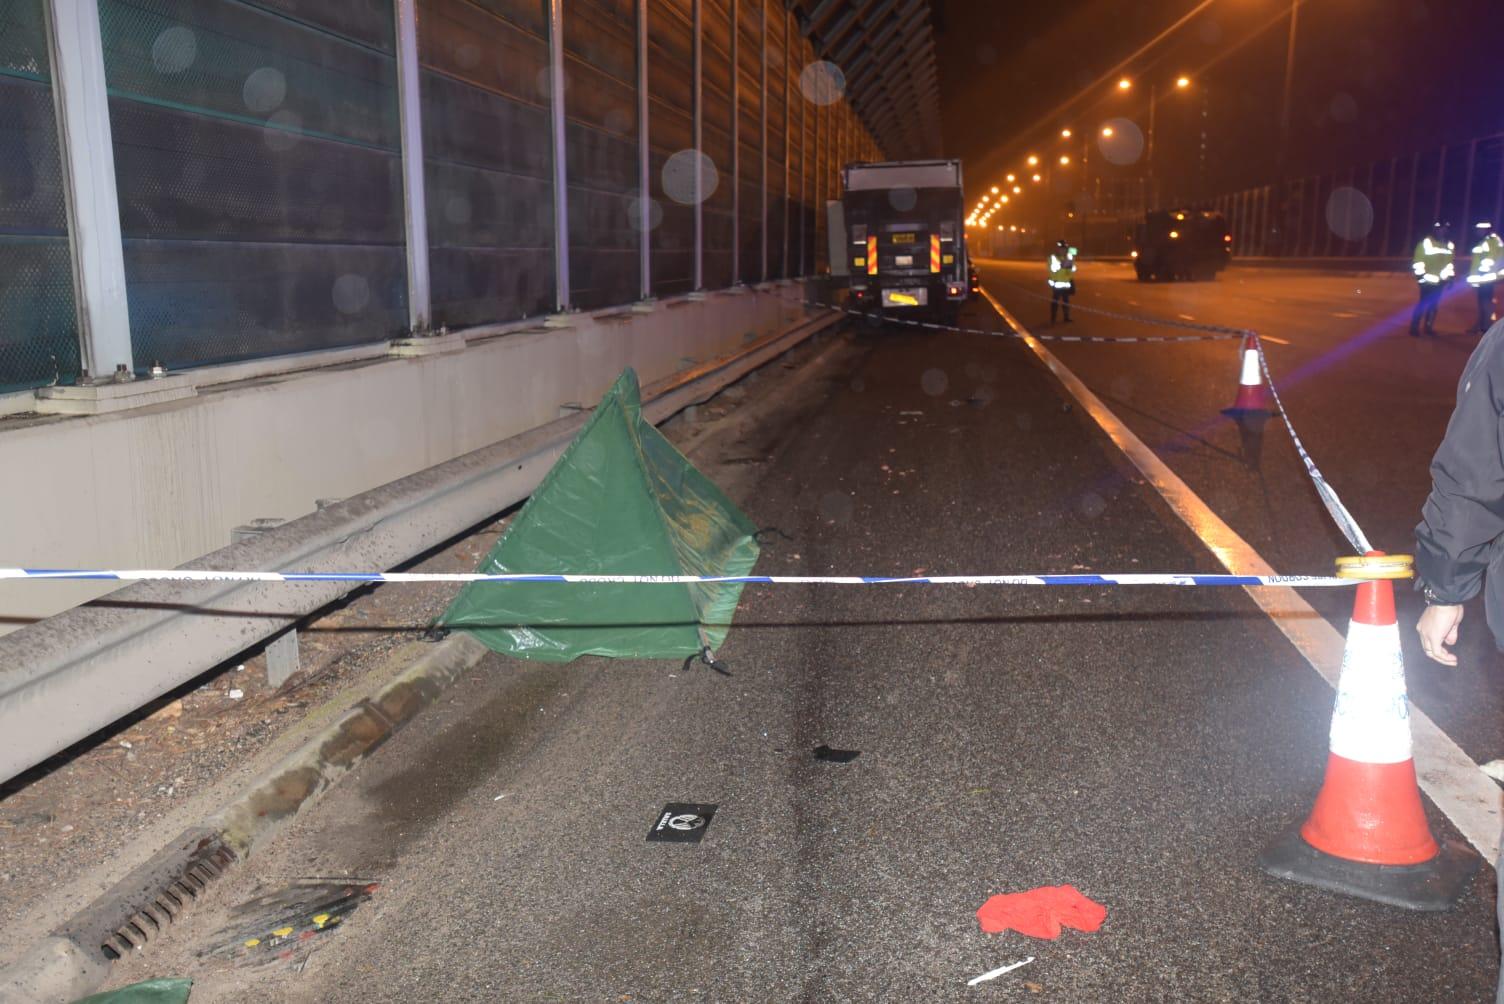 死者倒卧离货车约10米的路肩上。